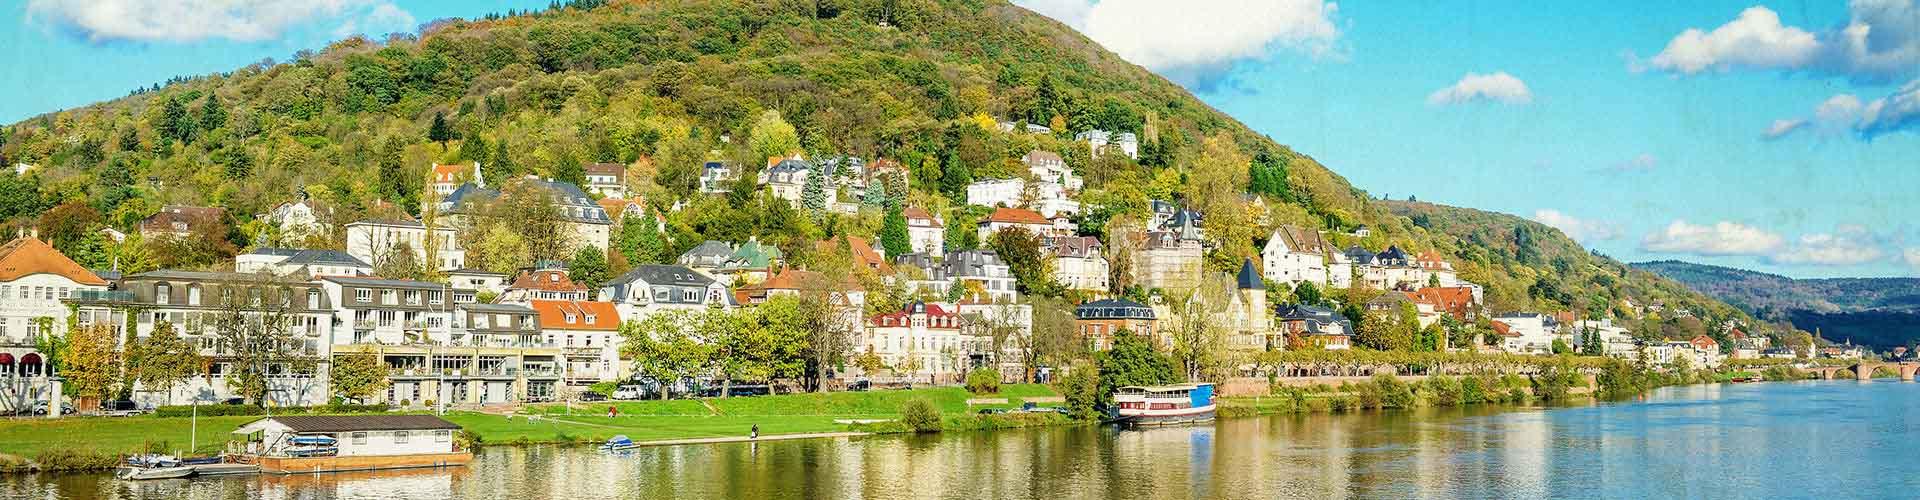 Heidelberg - Albergues baratos en Heidelberg. Mapas de Heidelberg, Fotos y Comentarios para cada hotel en Heidelberg.